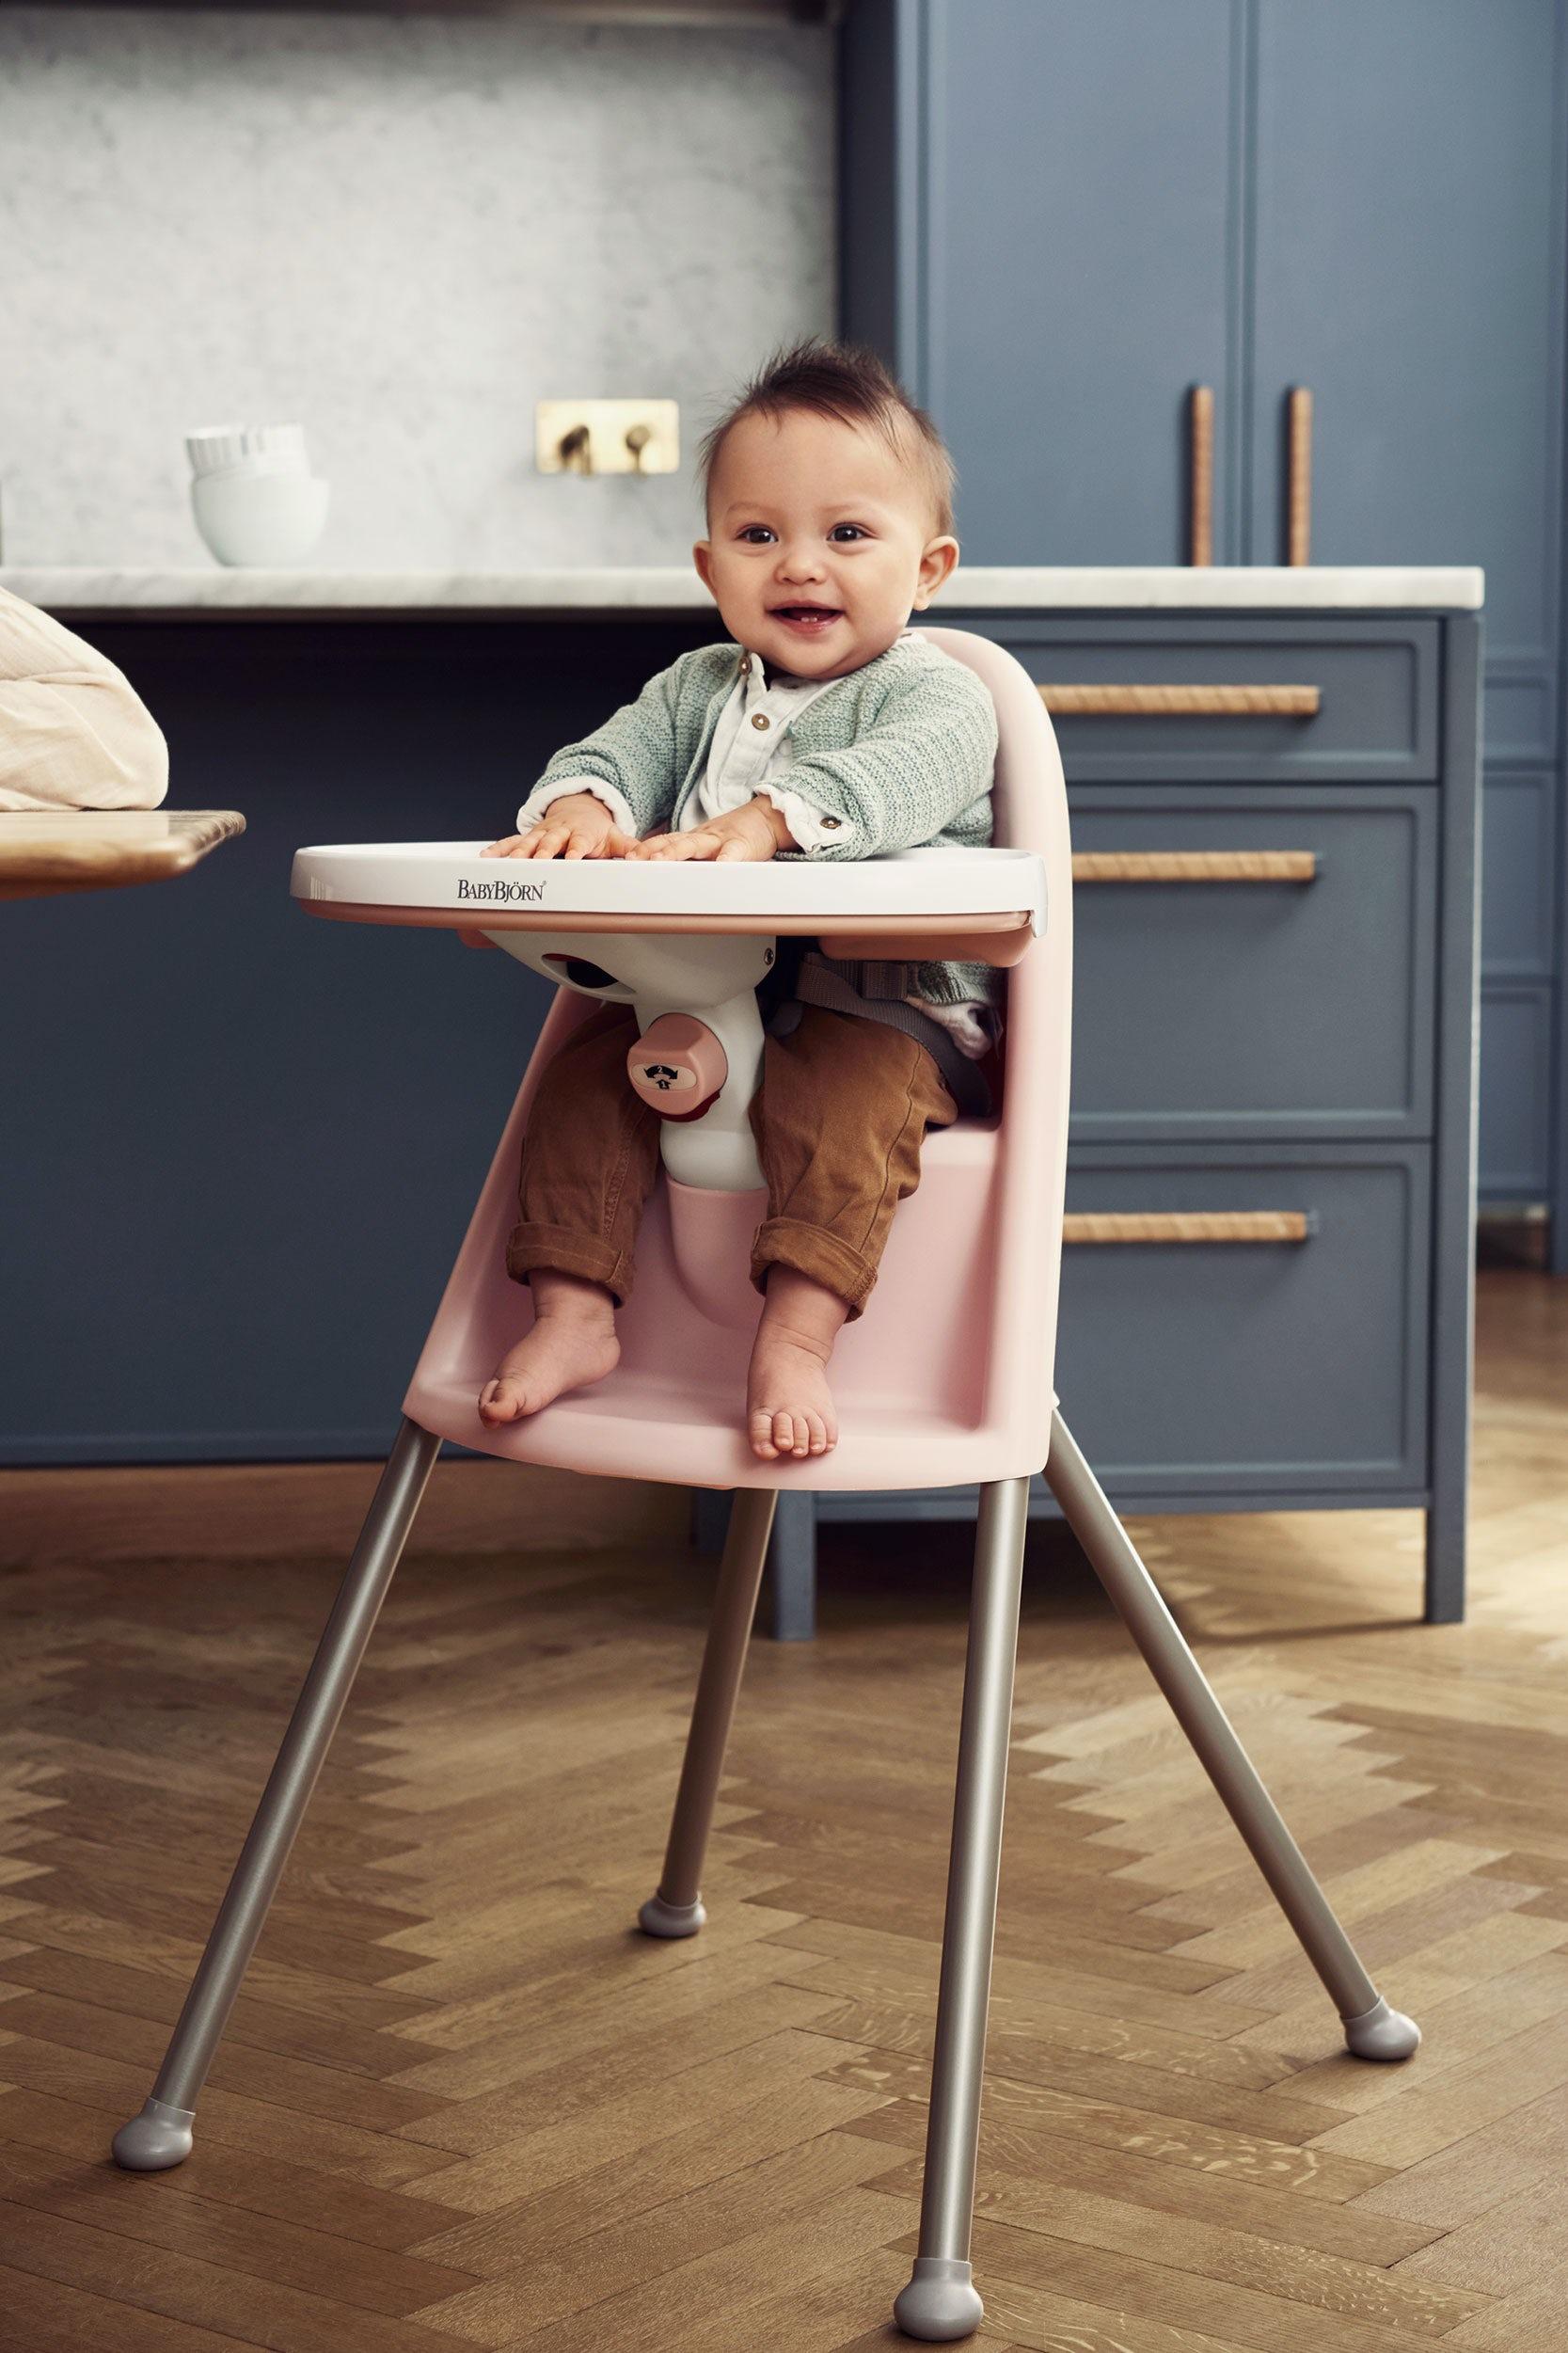 כיסא אוכל גבוה - בייבי ביורן - הכיסא גבוה. גם הבטיחות